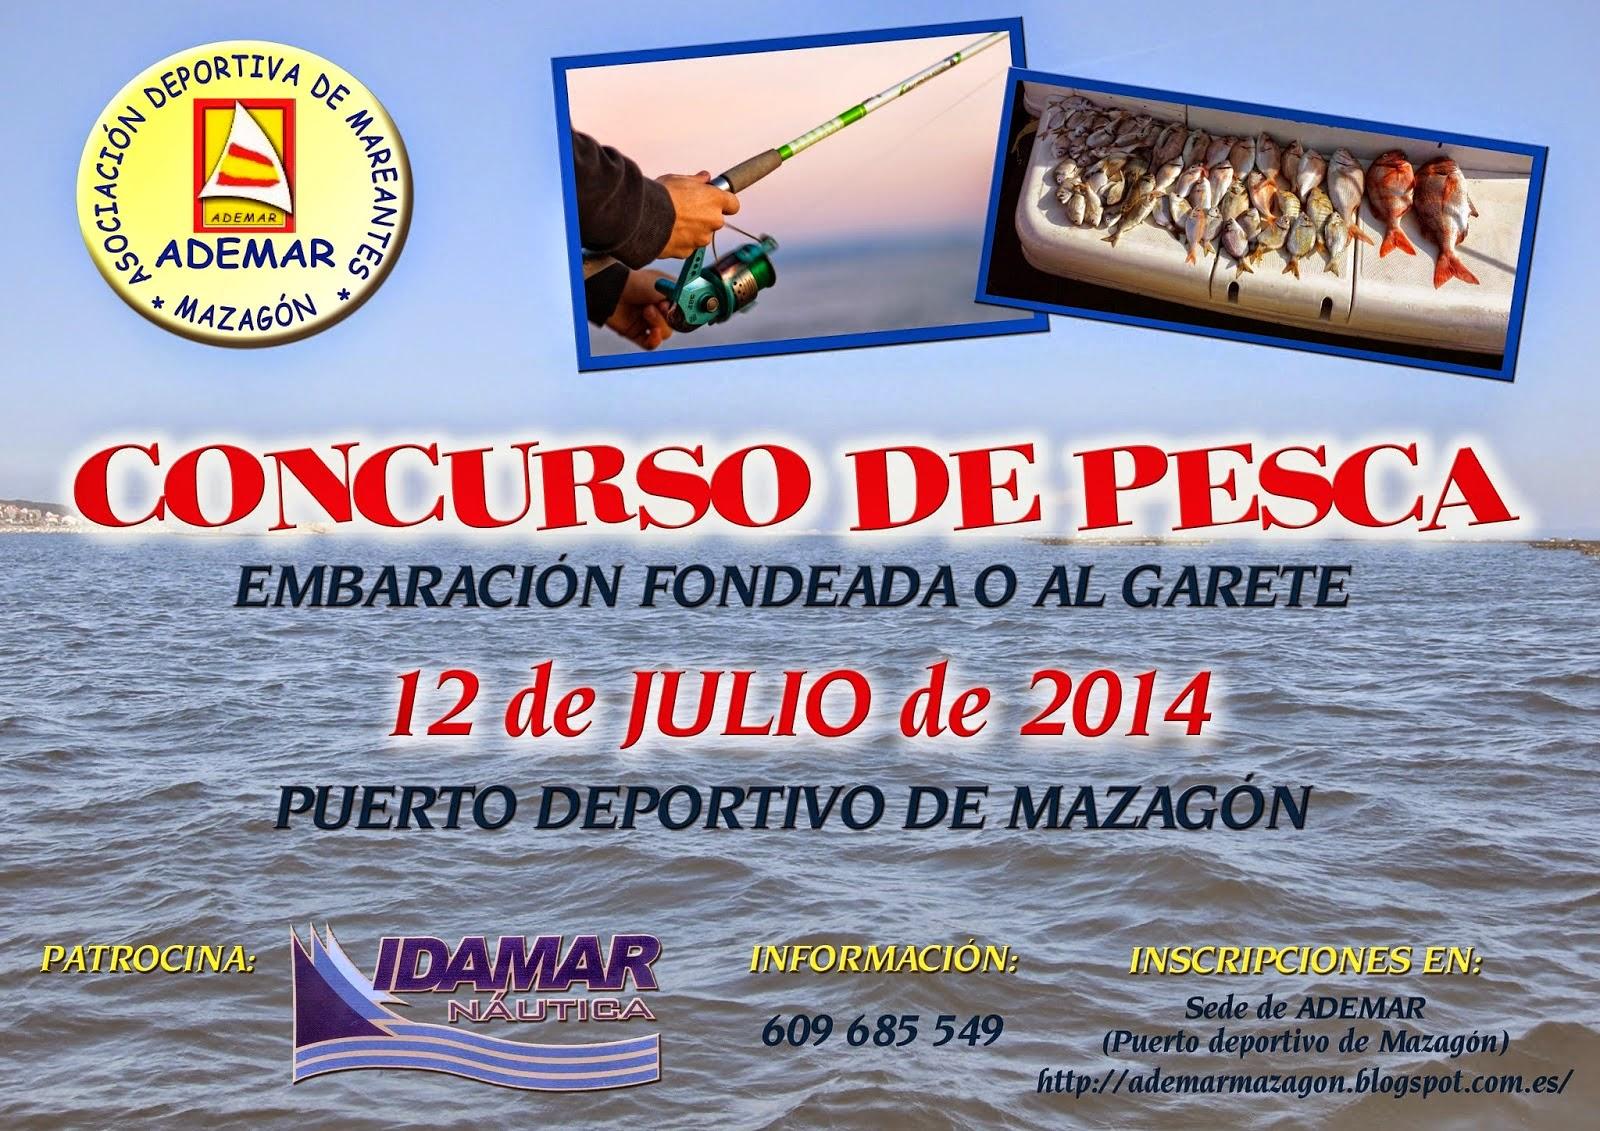 Concurso de Pesca Embarcacion Fondeada